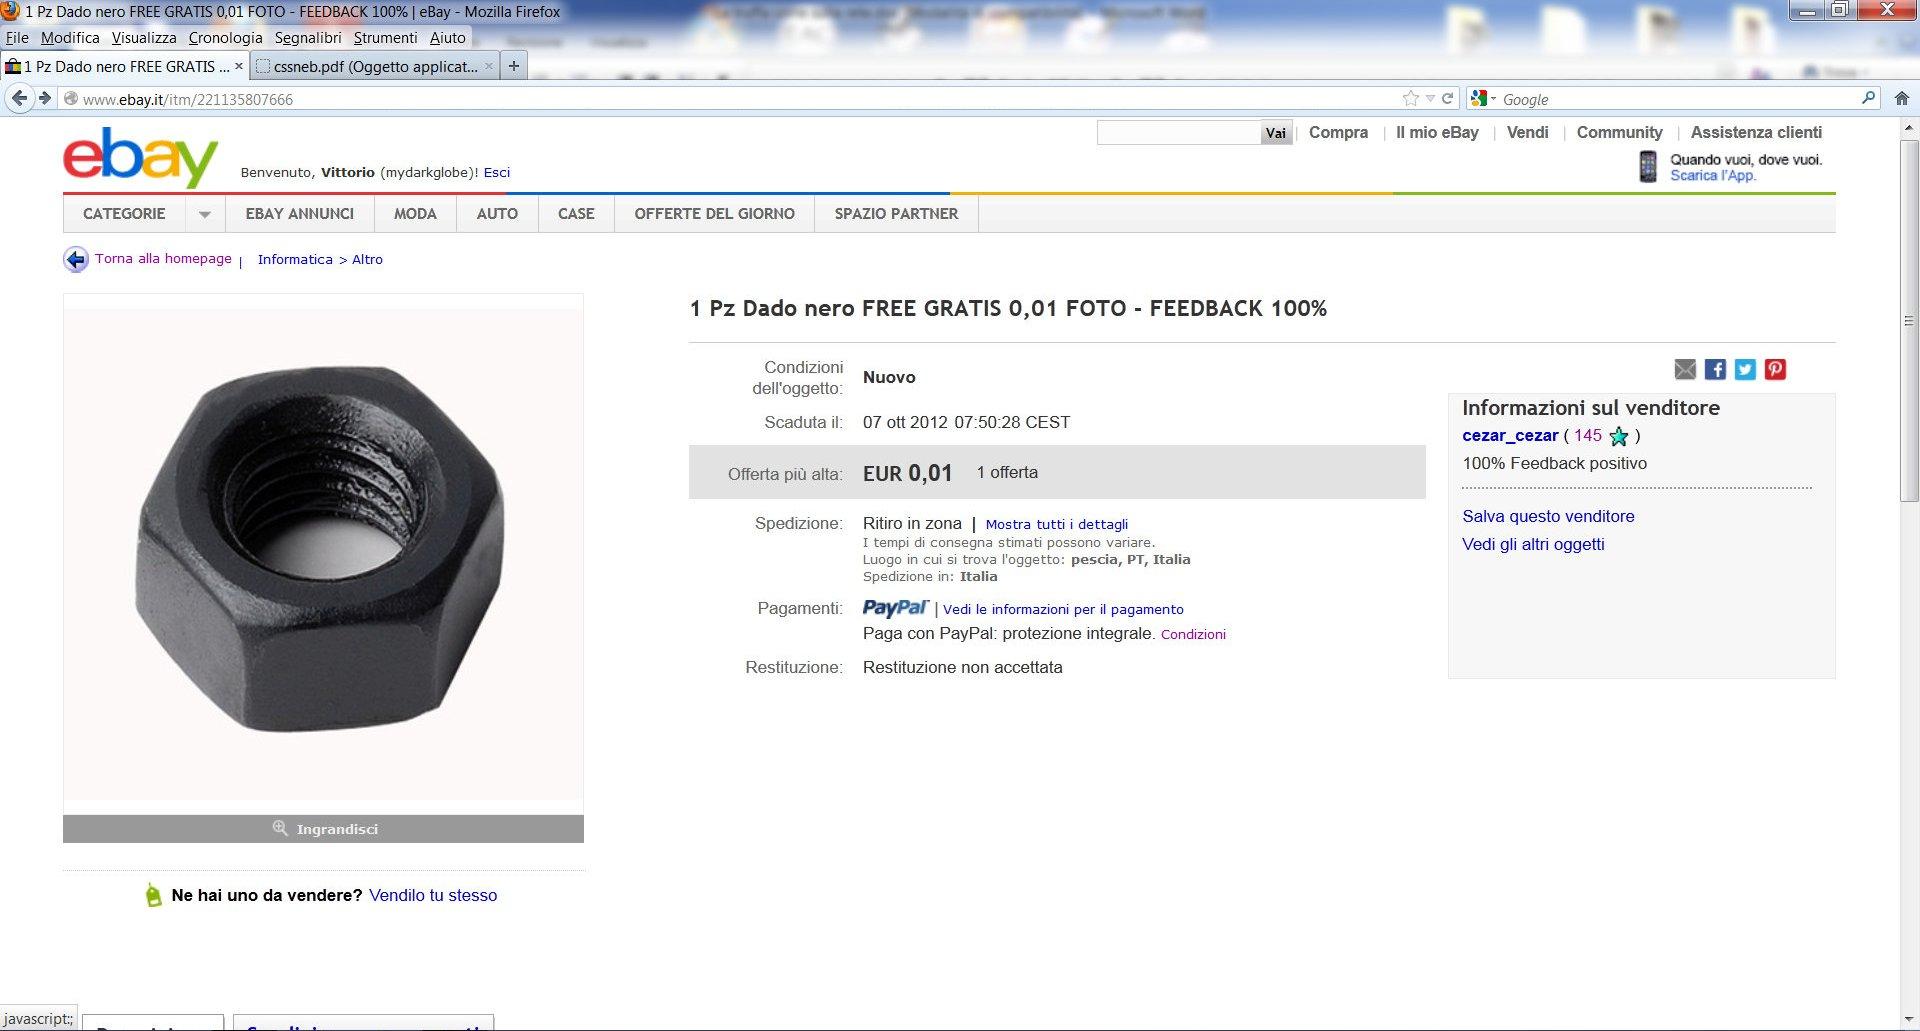 Annuncio ebay per scambio di feedback